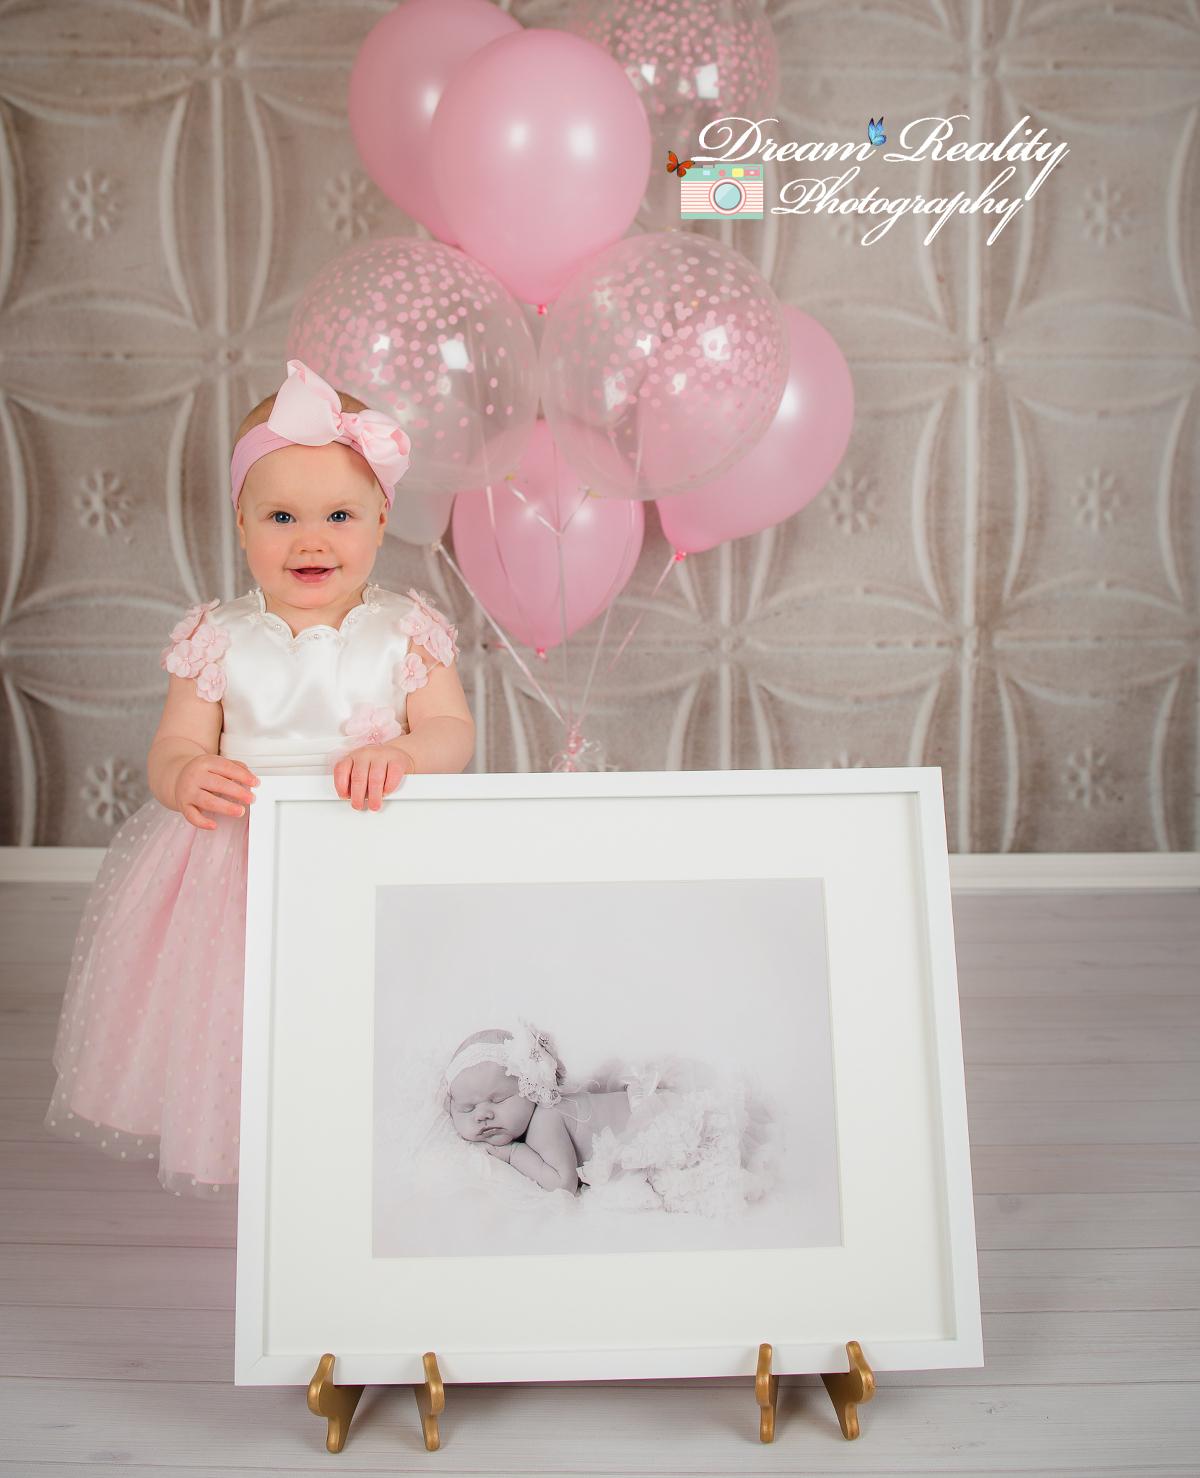 Coloursdekor S Blog: Cake-smash-birthday-first-girl-portraits-Jackson-Howell-NJ